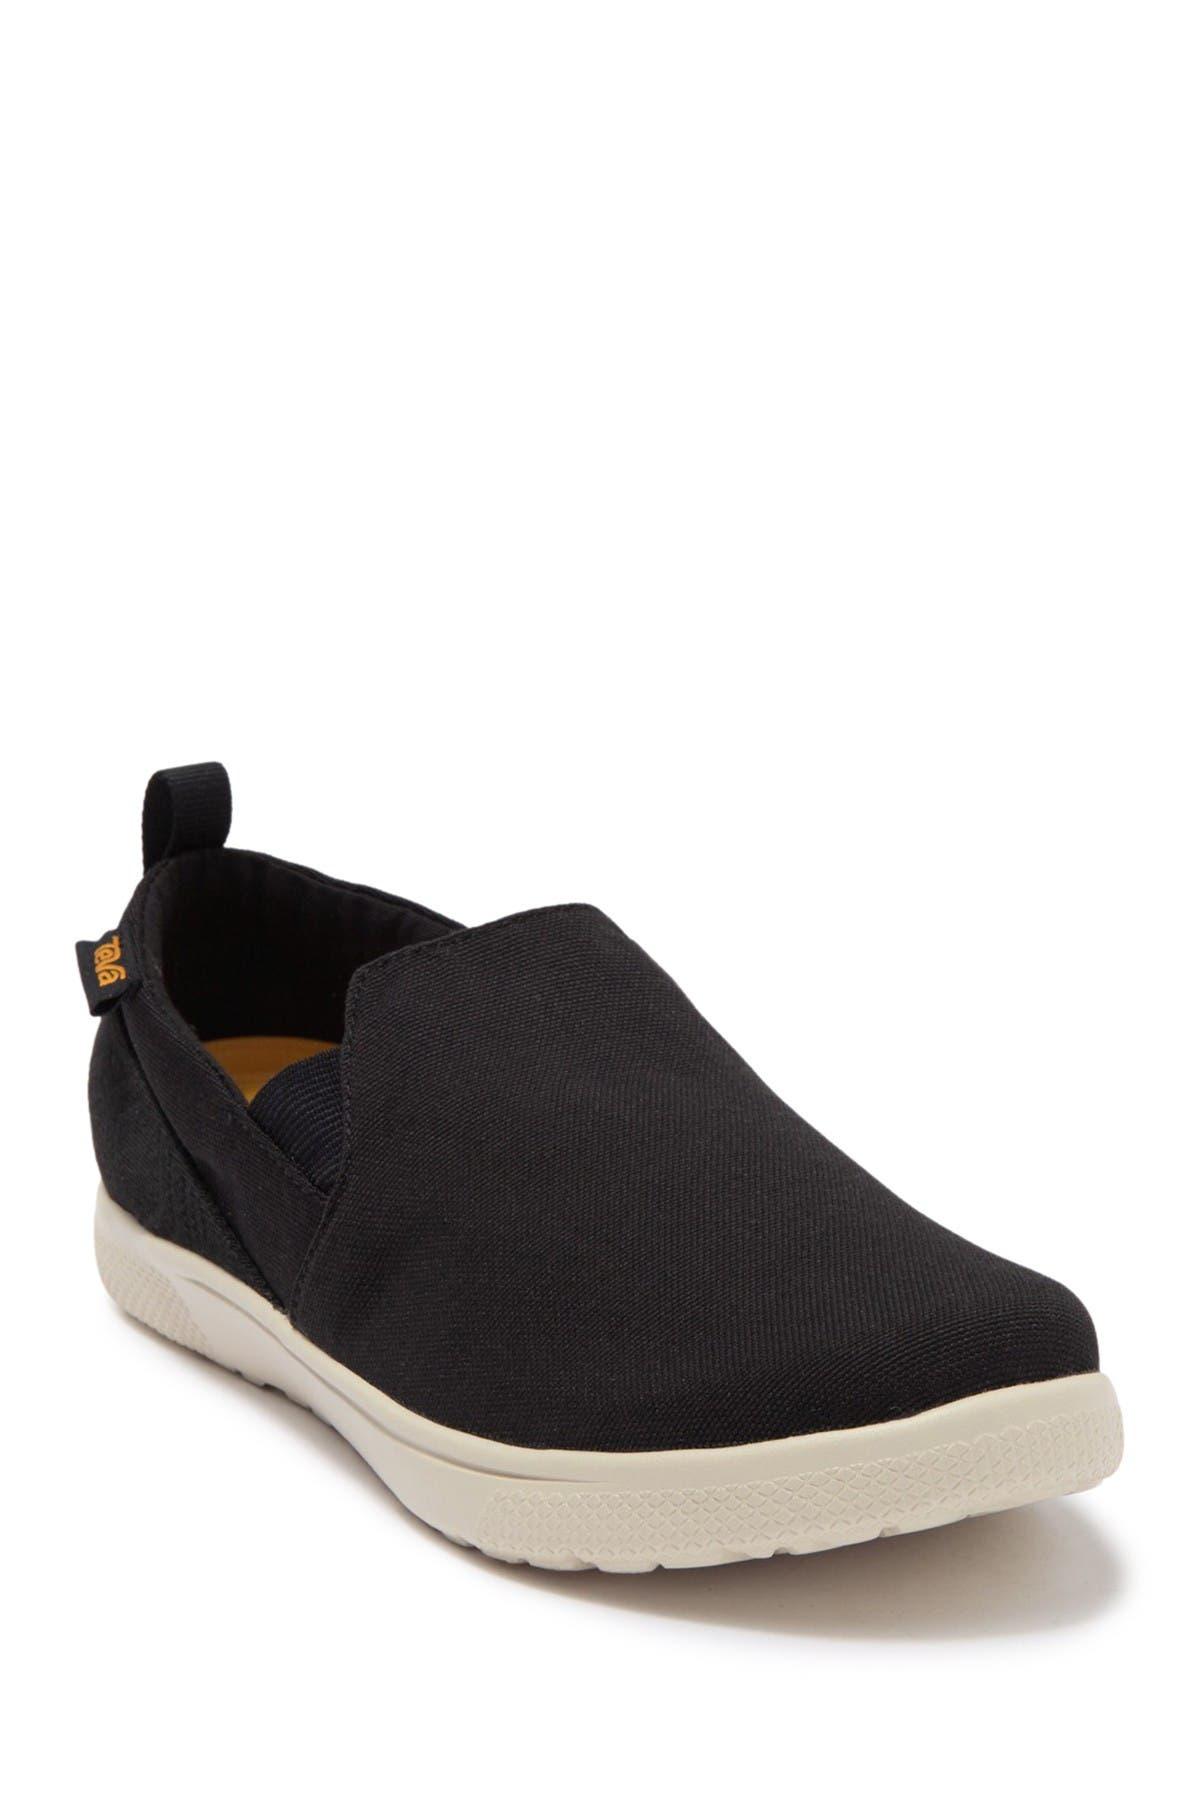 Teva | Voya Slip-On Sneaker | Nordstrom